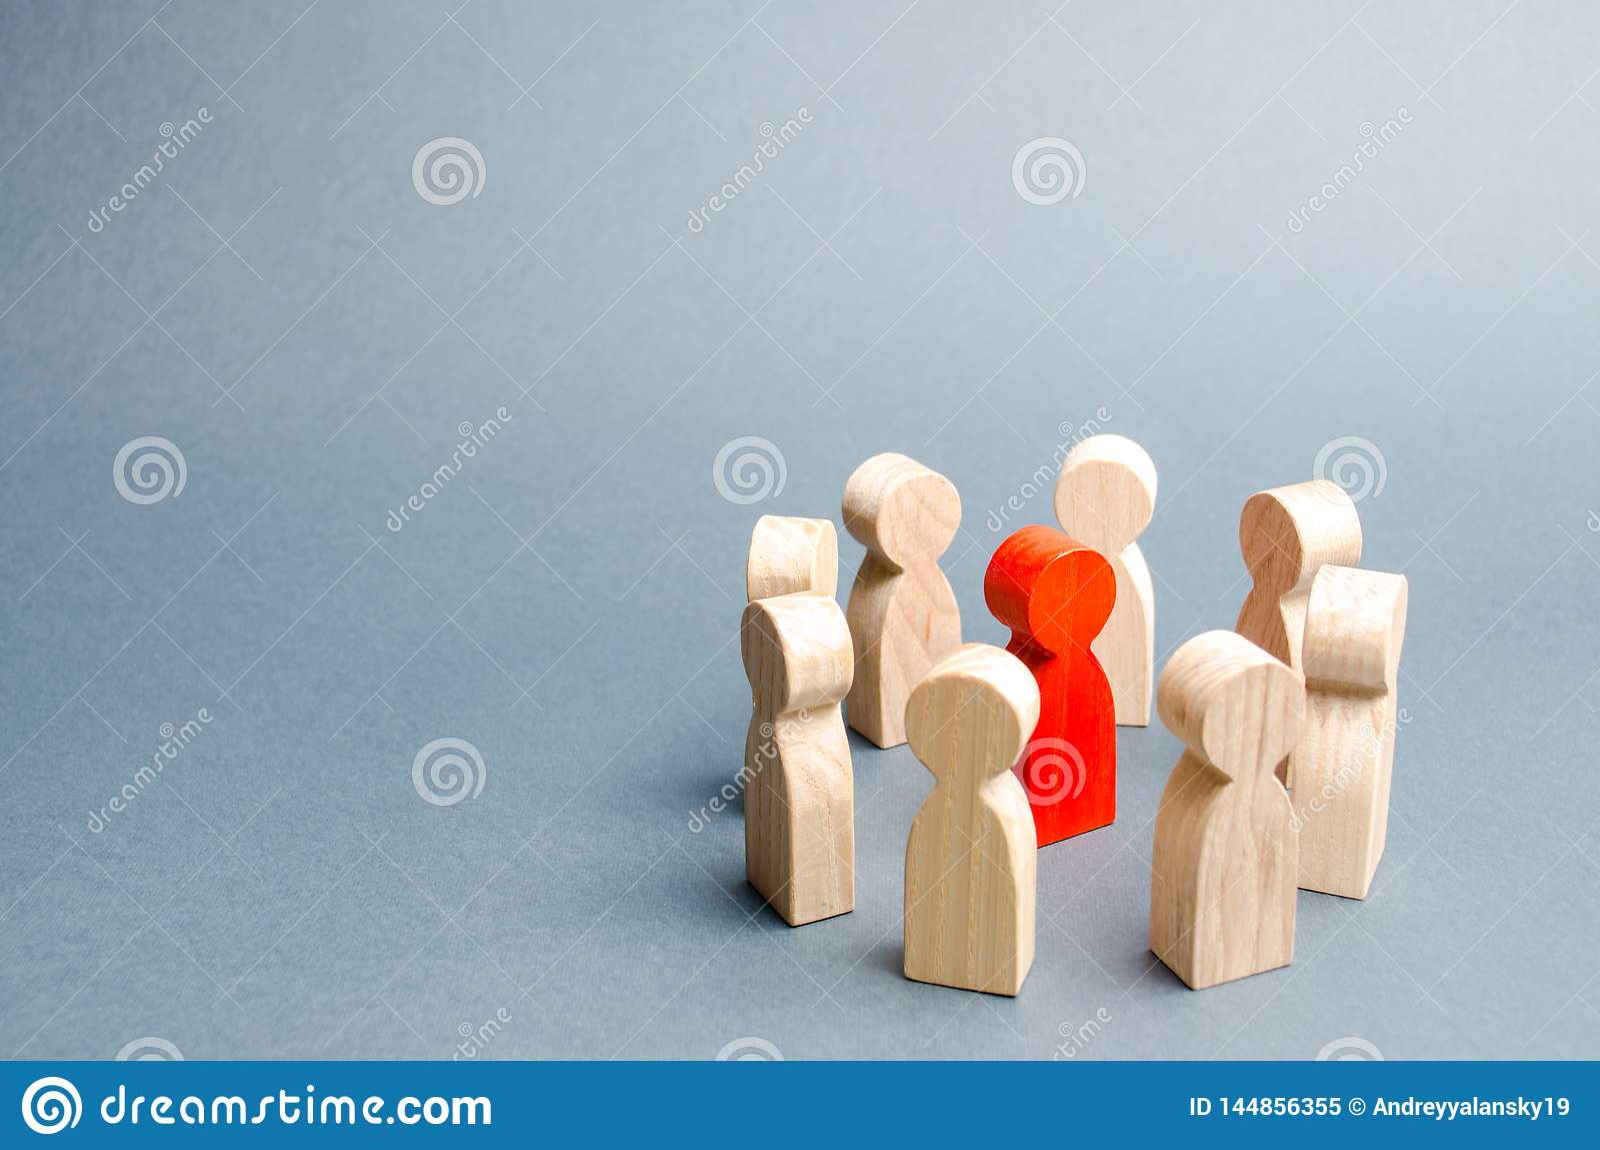 Ένας κύκλος των ανθρώπων περιβάλλει ένα κόκκινο πρόσωπο Επικοινωνία Επιχειρησιακή ομάδα, ομαδική εργασία, ομαδικό πνεύμα Ξύλινοι